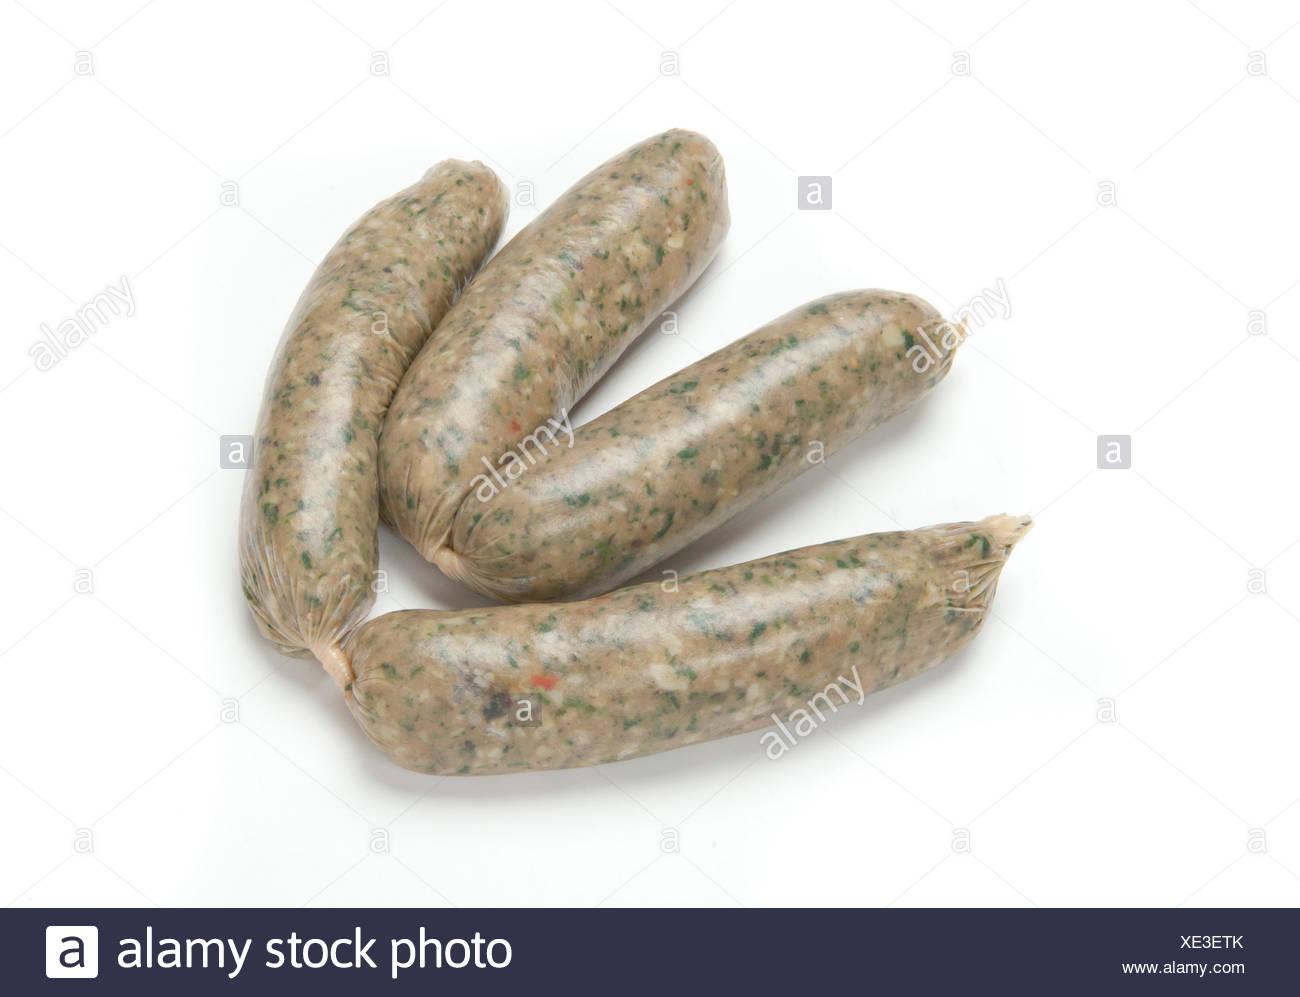 Deux paires de saucisses végétariennes dans les saucisses fraîches dont la teneur en viande est remplacée par des céréales, des légumineuses et du tofu et parfois utiliser une variété d'herbes, d'épices et d'huile à la place de la graisse de la viande Photo Stock